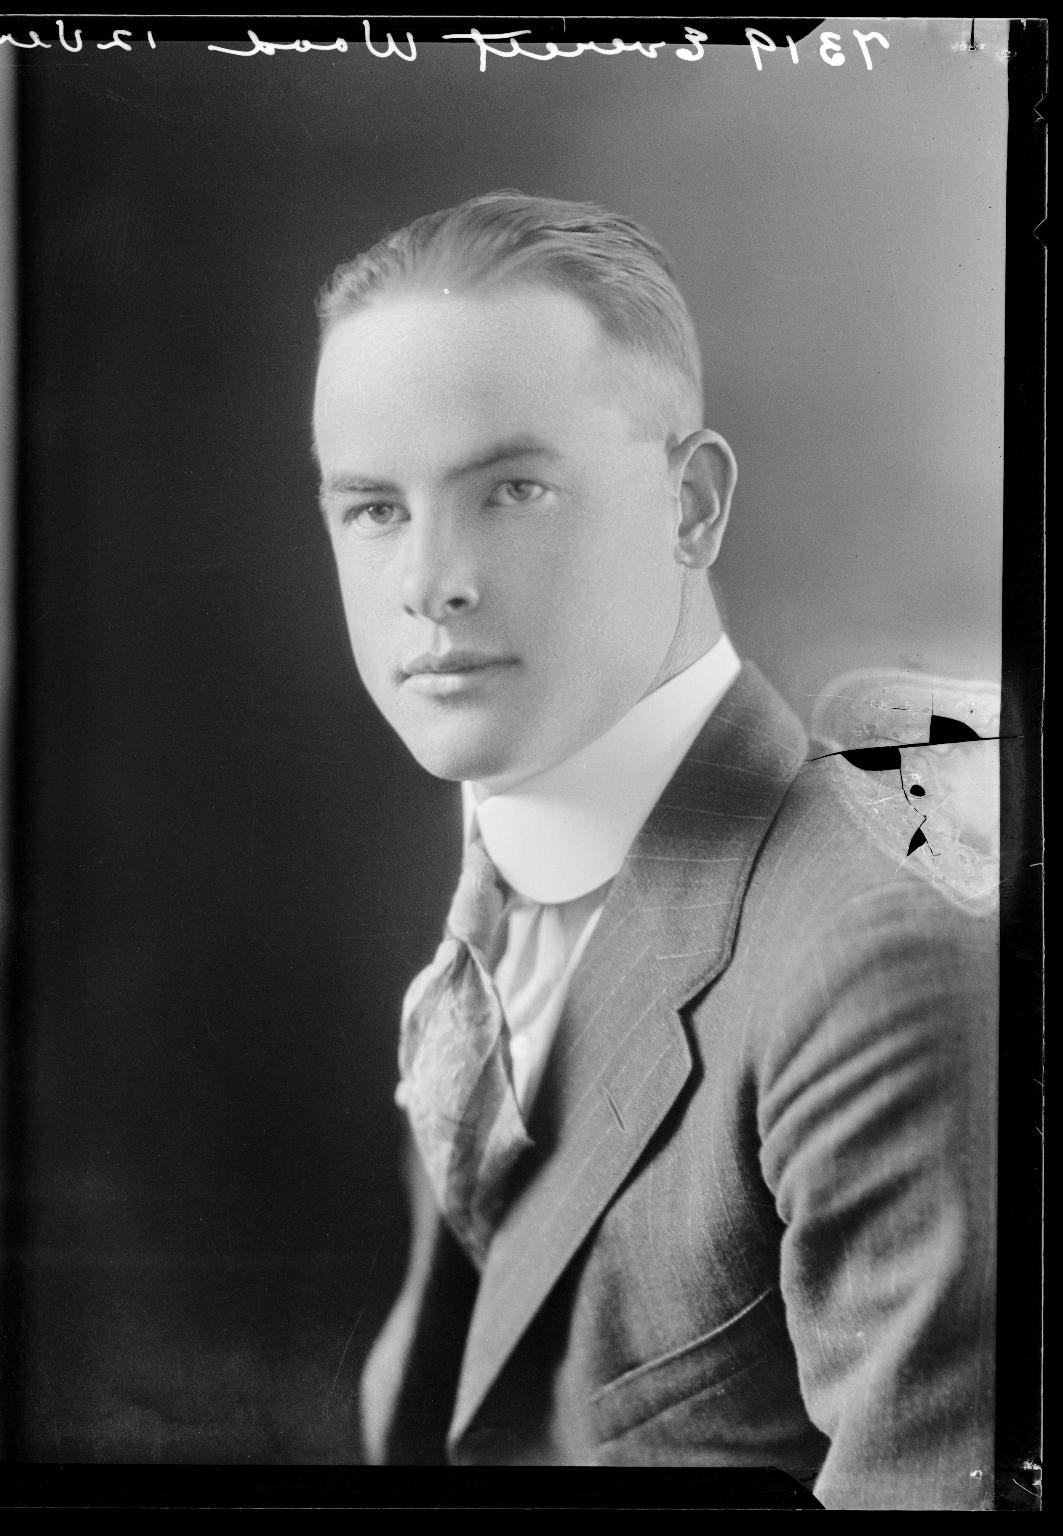 Portraits of Everett Wood